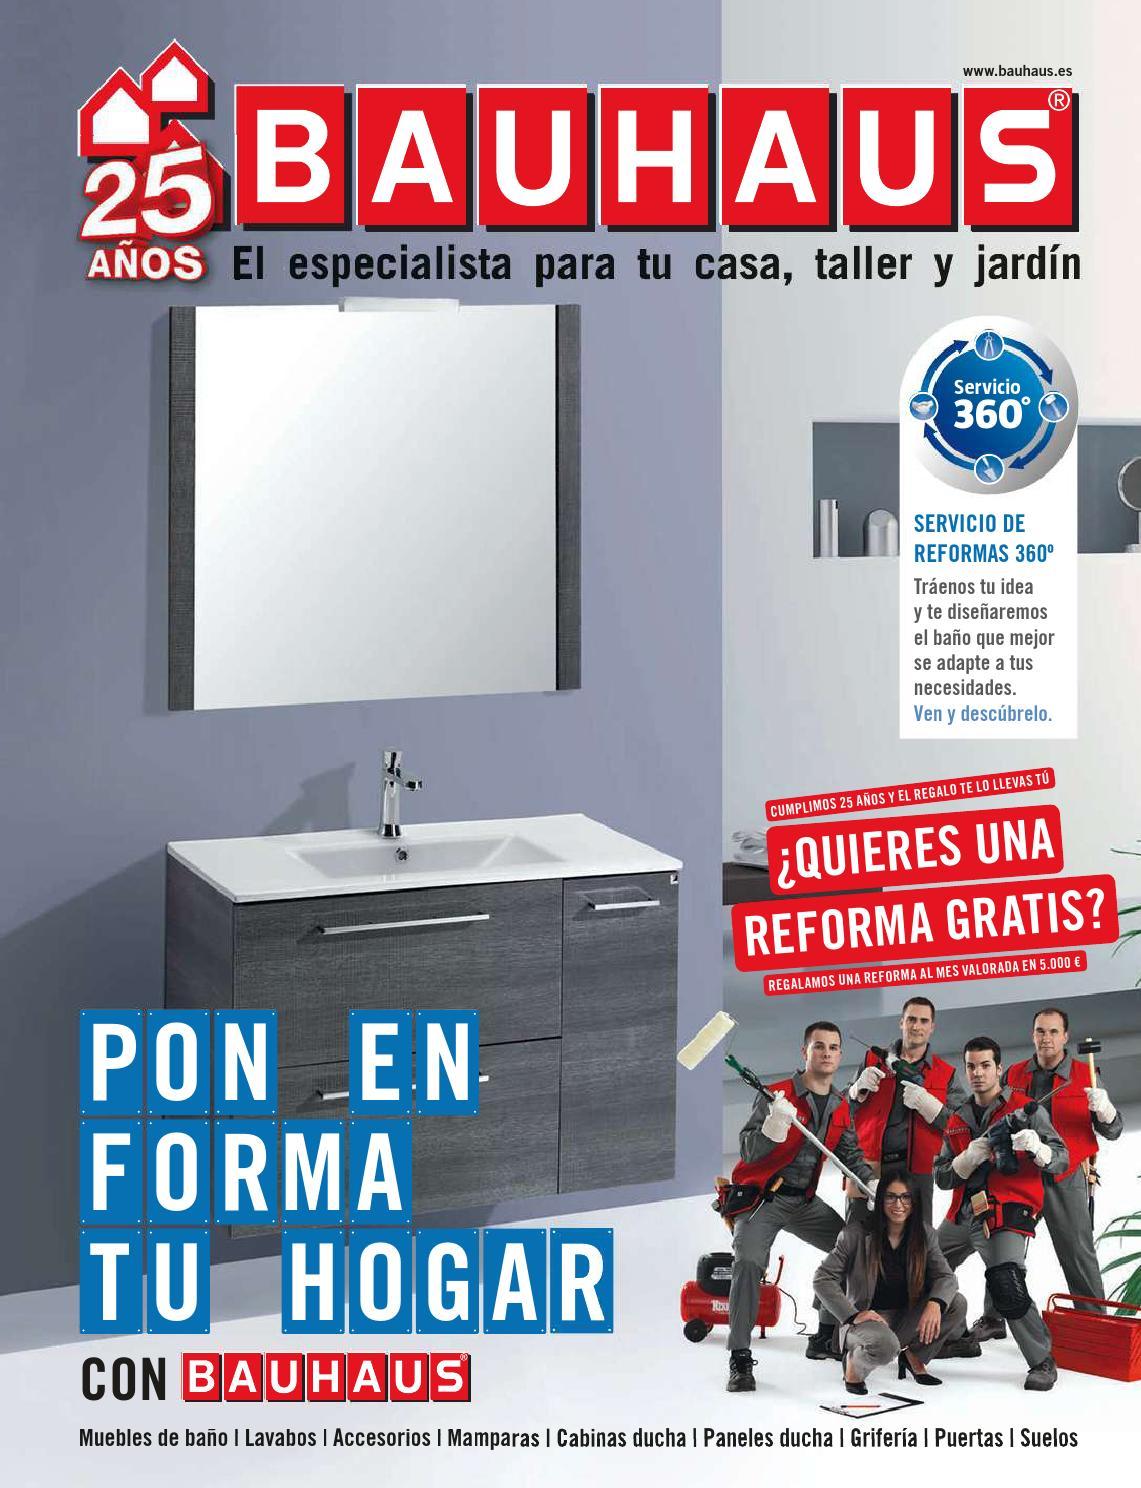 Mamparas De Bano Bauhaus.2014051516313470 Doc1 By Losdescuentos Issuu